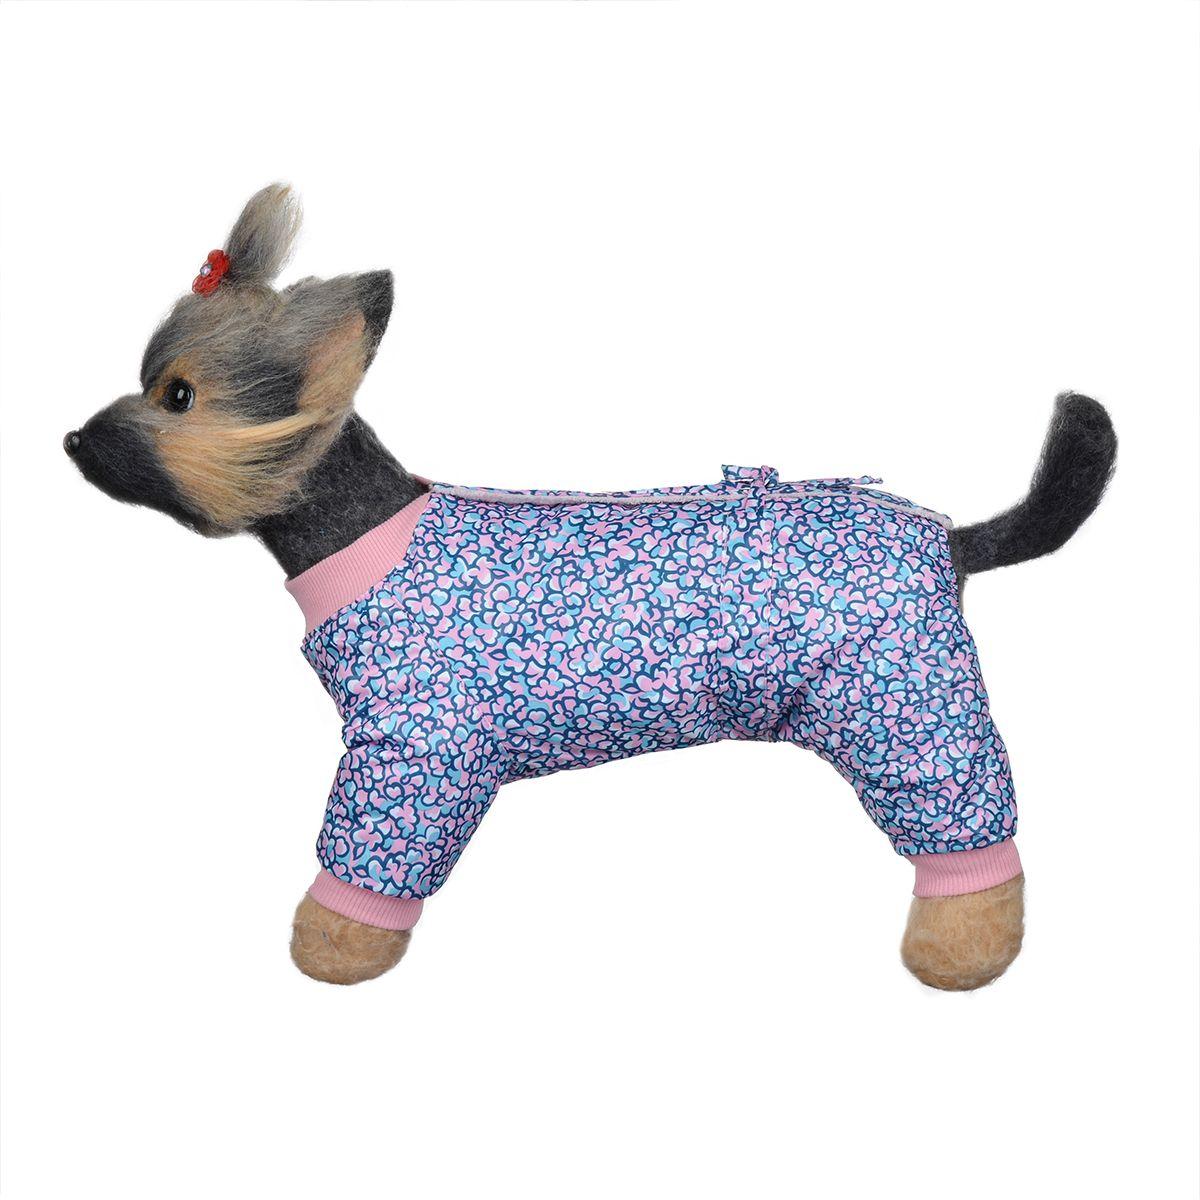 """Комбинезон для собак Dogmoda """"Лаки"""", зимний, для девочки, цвет: розовый, синий. Размер 1 (S)"""